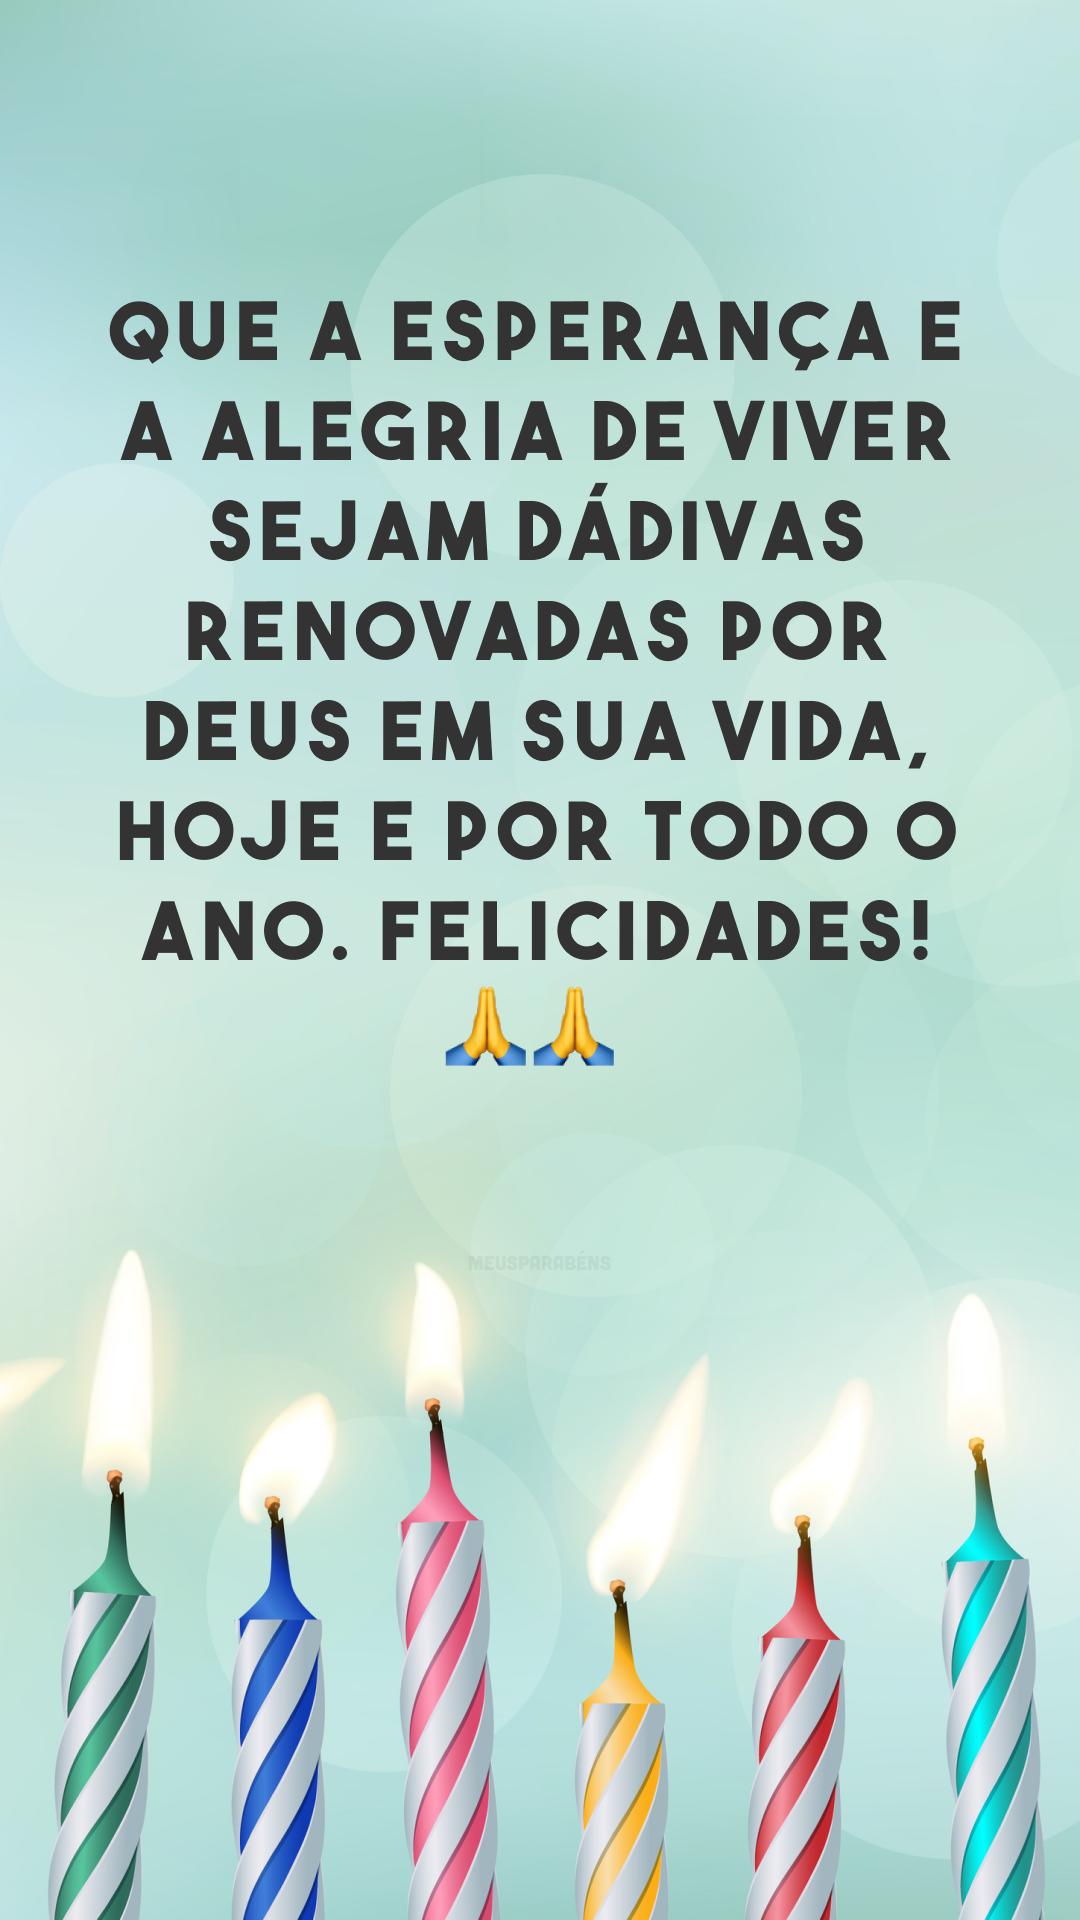 Que a esperança e a alegria de viver sejam dádivas renovadas por Deus em sua vida, hoje e por todo o ano. Felicidades! 🙏🙏<br />